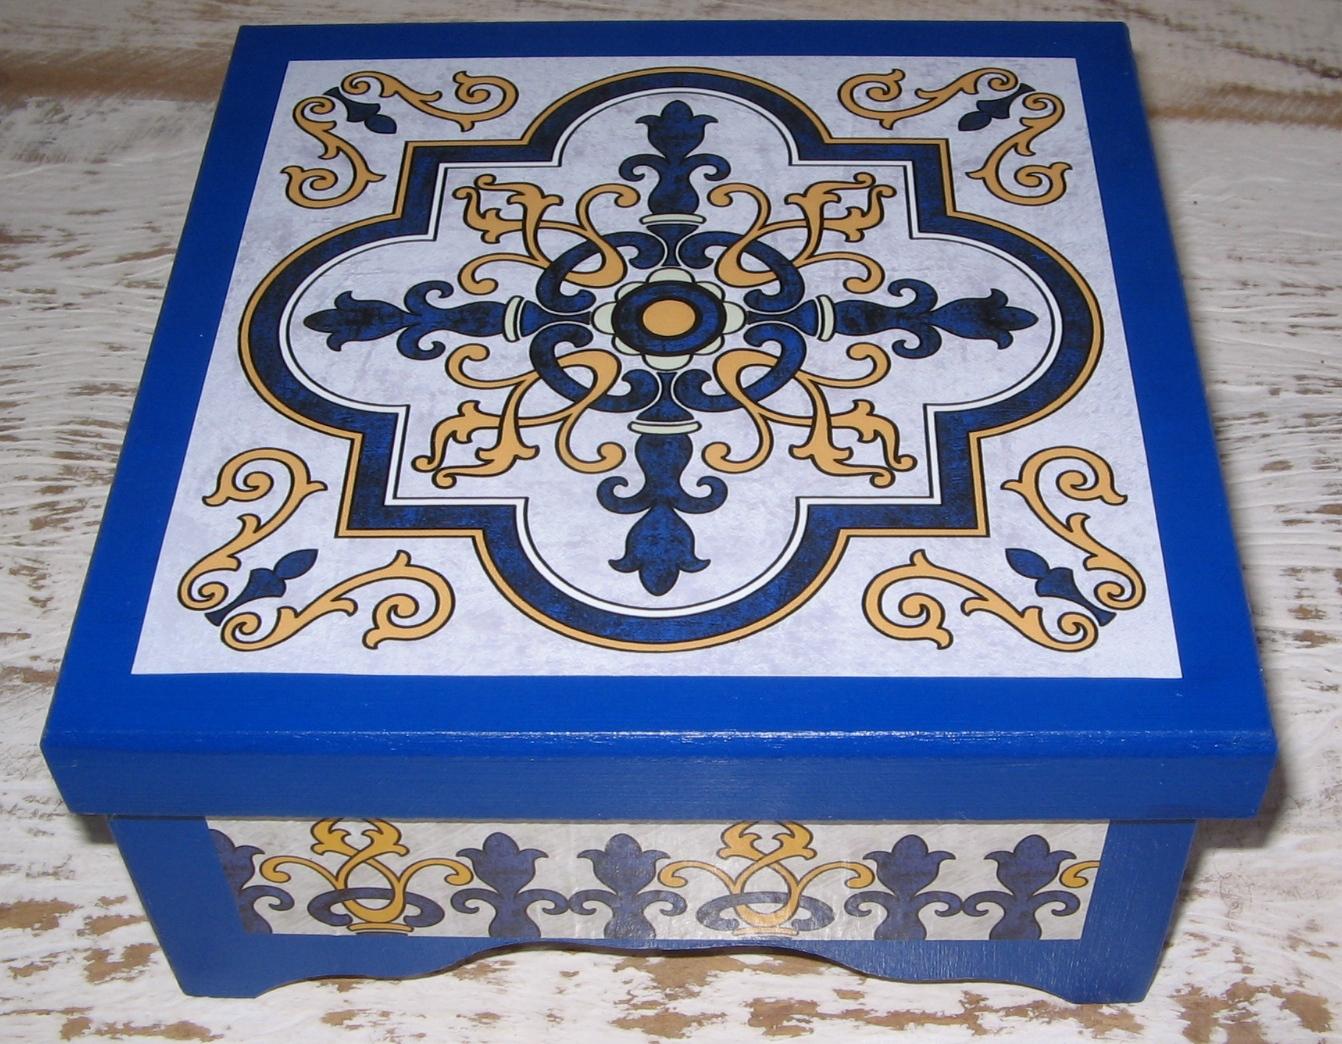 Caixa de ch azulejos portugueses lacinho verde elo7 - Azulejos portugueses comprar ...